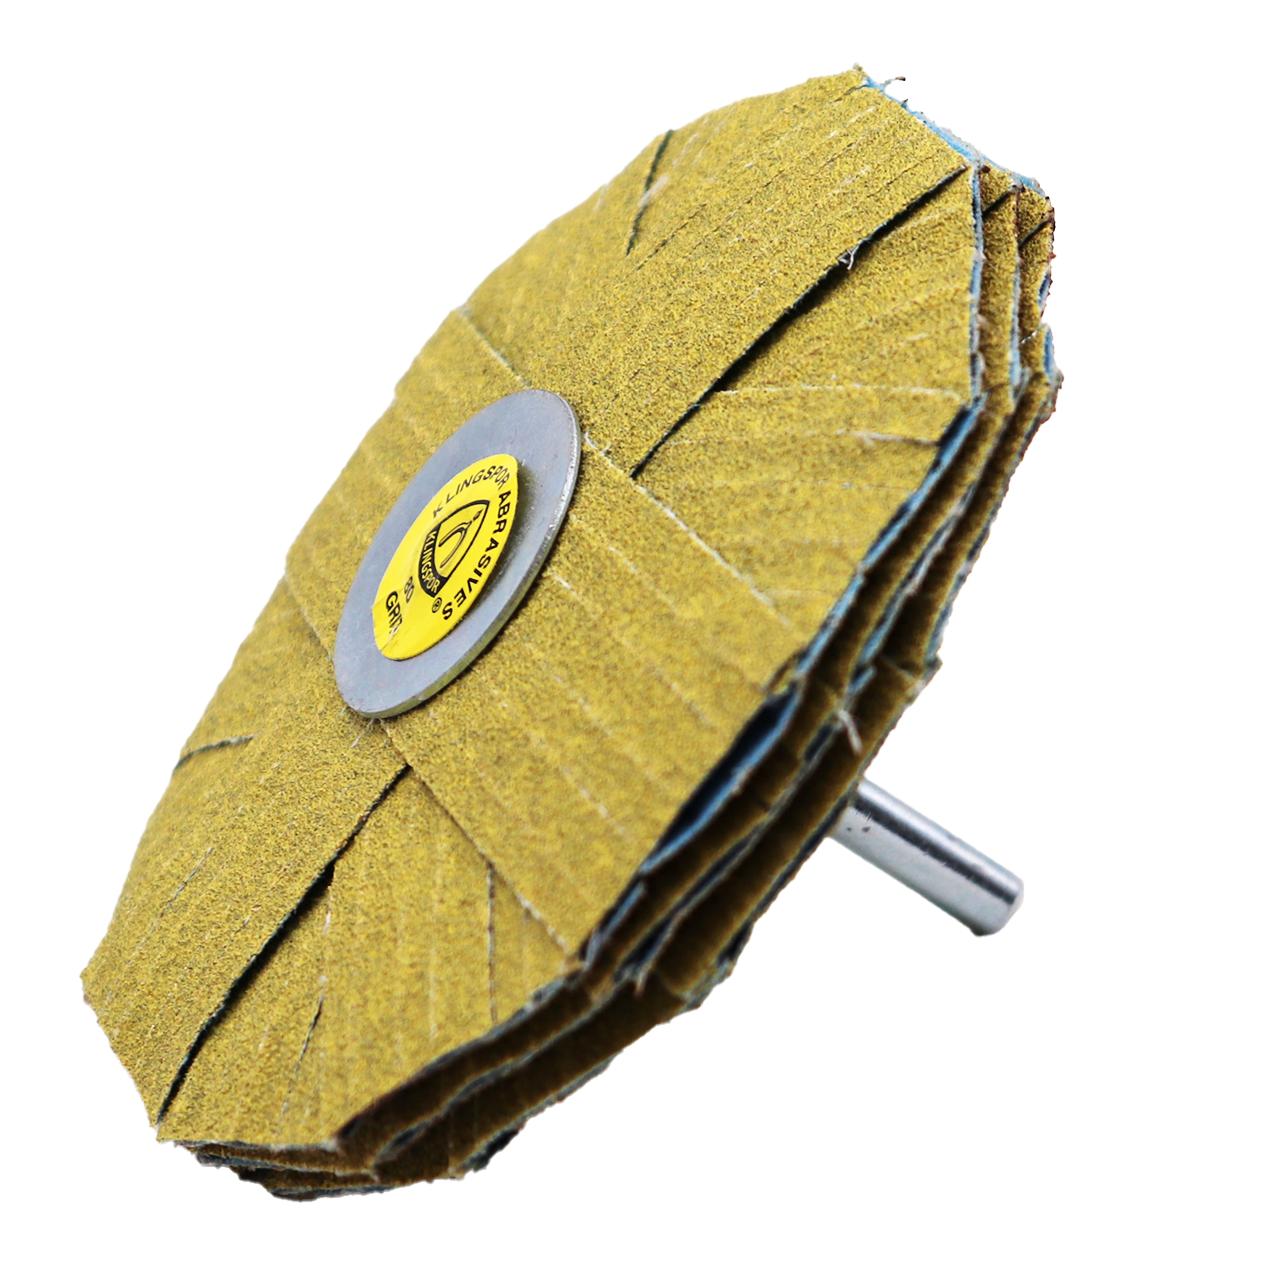 Klingspor Abrasives Sanding Star 120 Grit